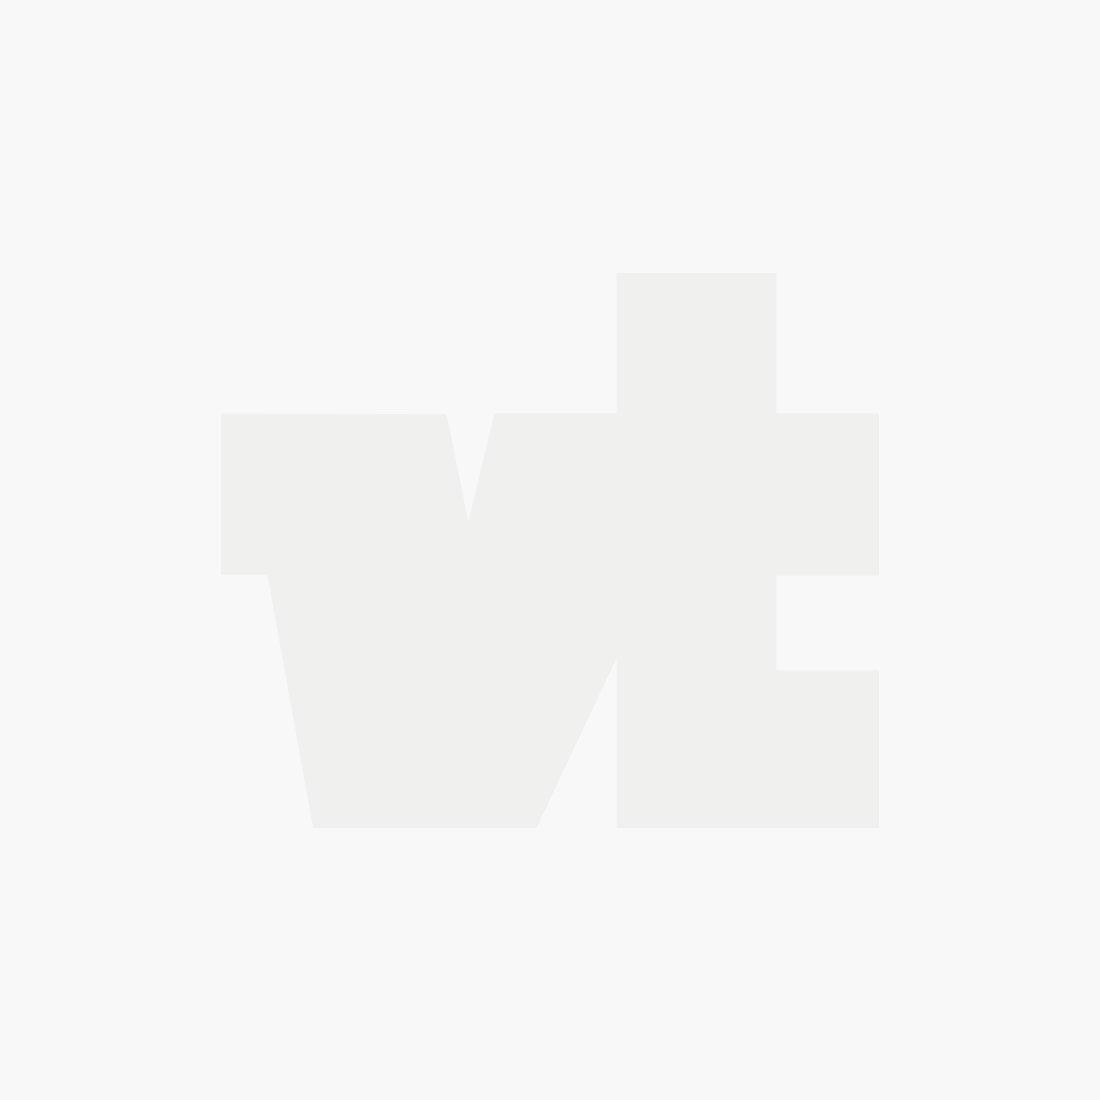 Sweater crewneck 2 coloured fleece night